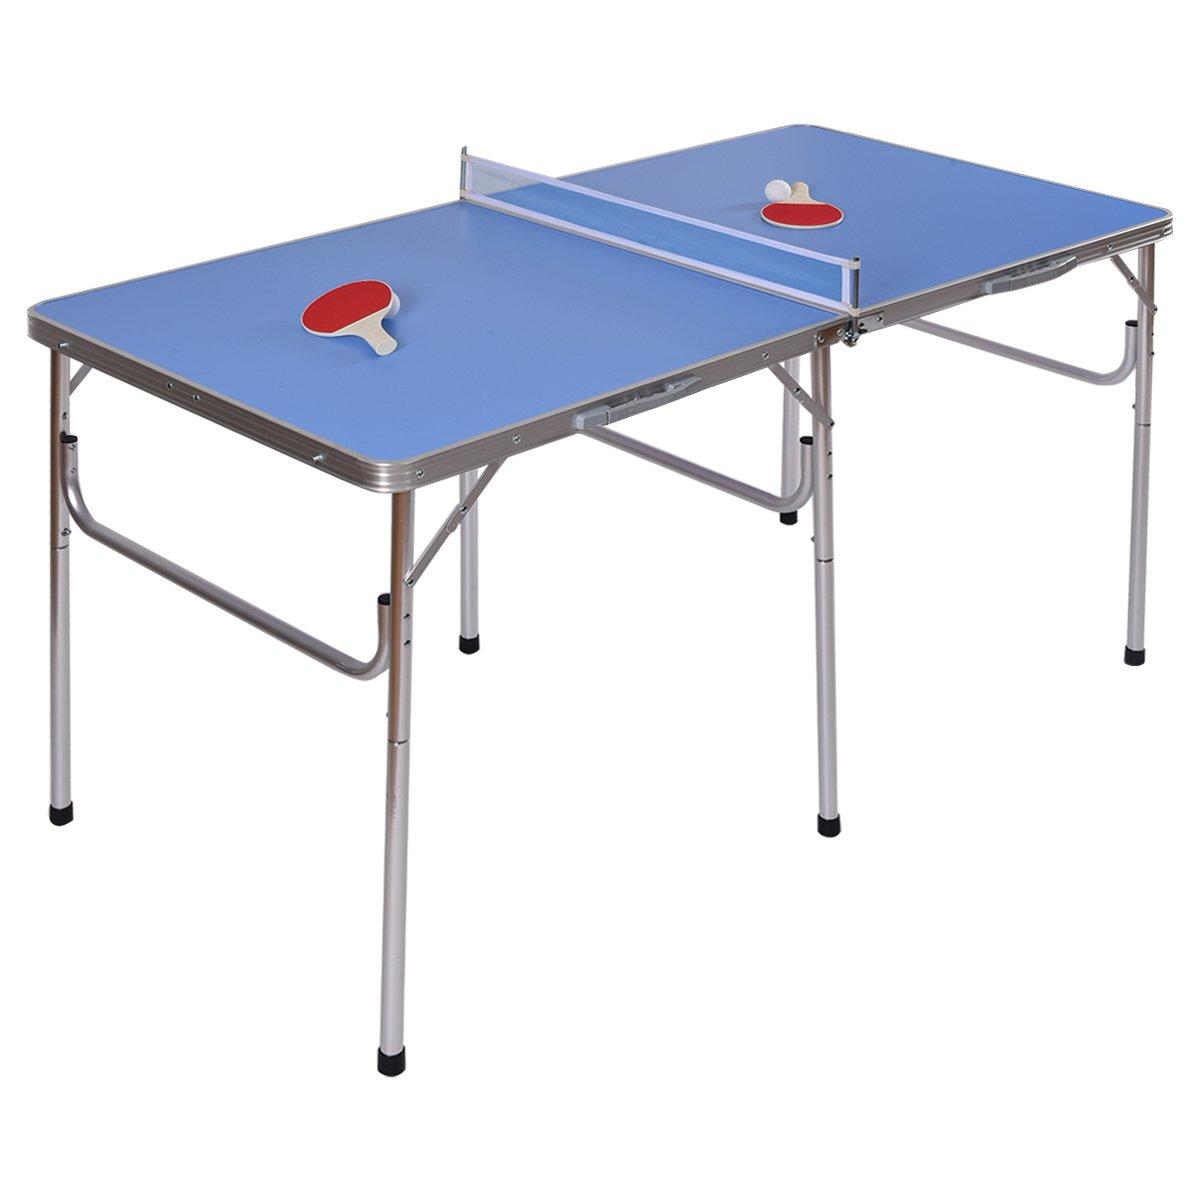 Mesa de tenis mesa de ping pong plegable: Amazon.es: Deportes y ...